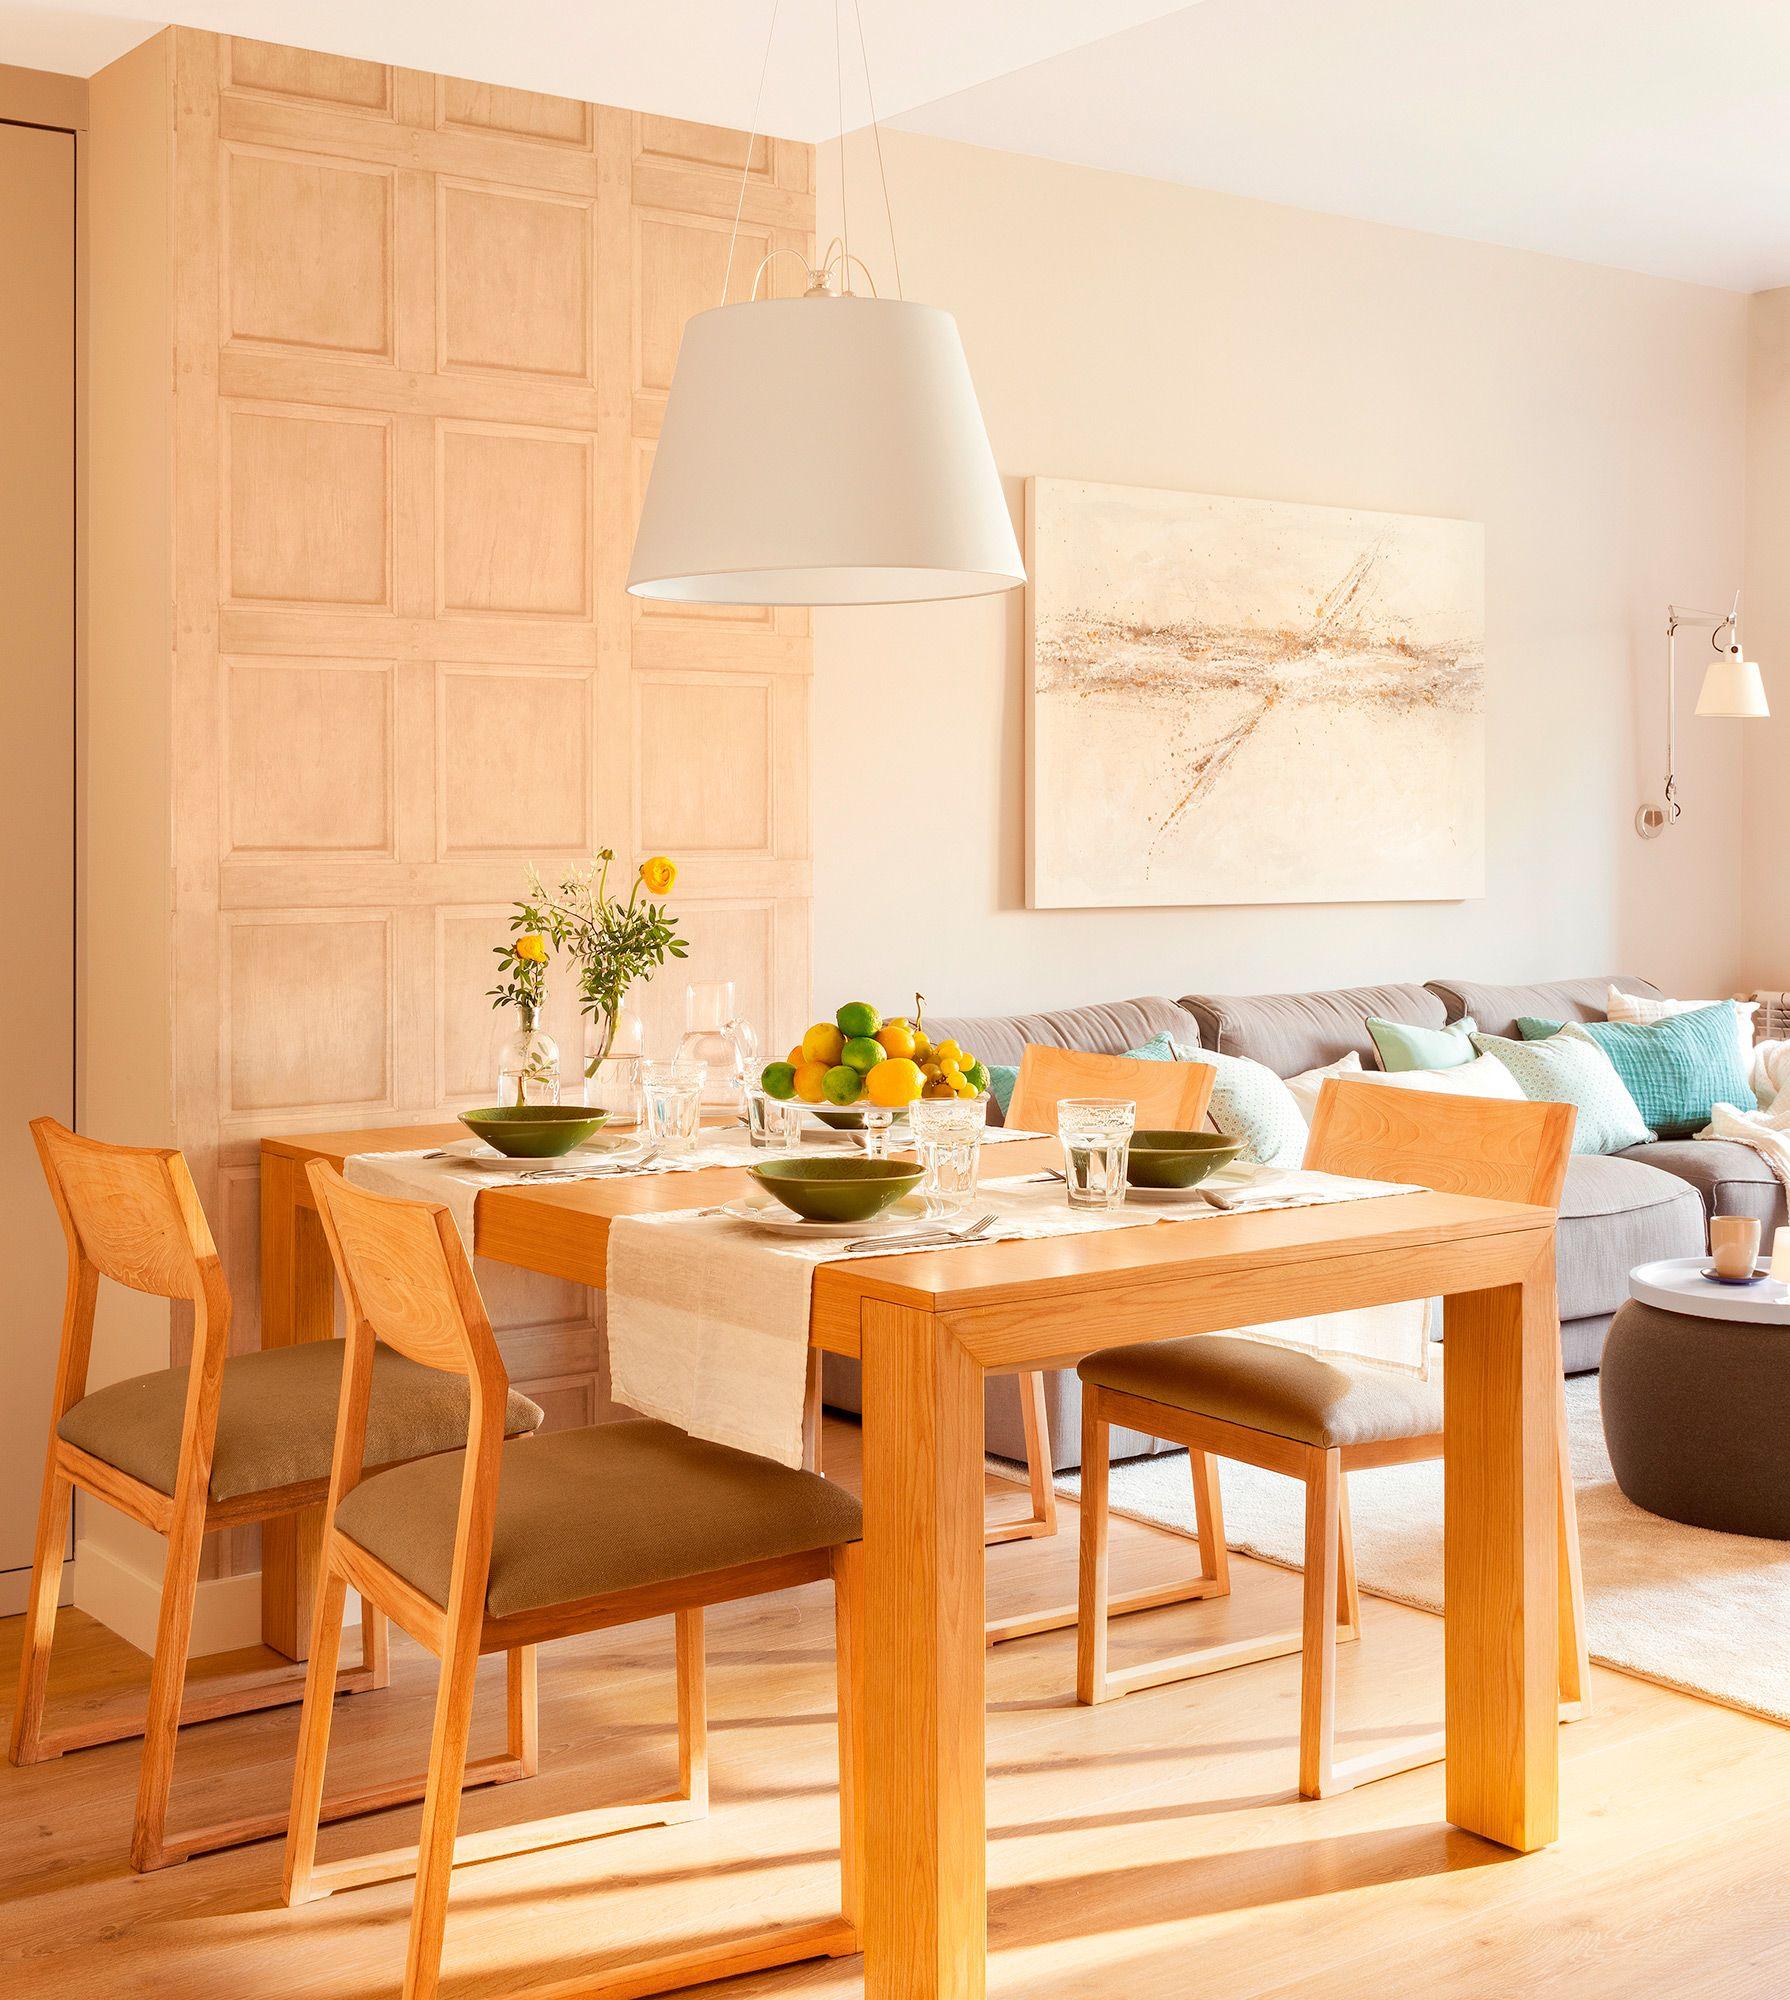 Mesa de comedor de madera con caminos de mesa vajilla - Lamparas de techo para comedor ...